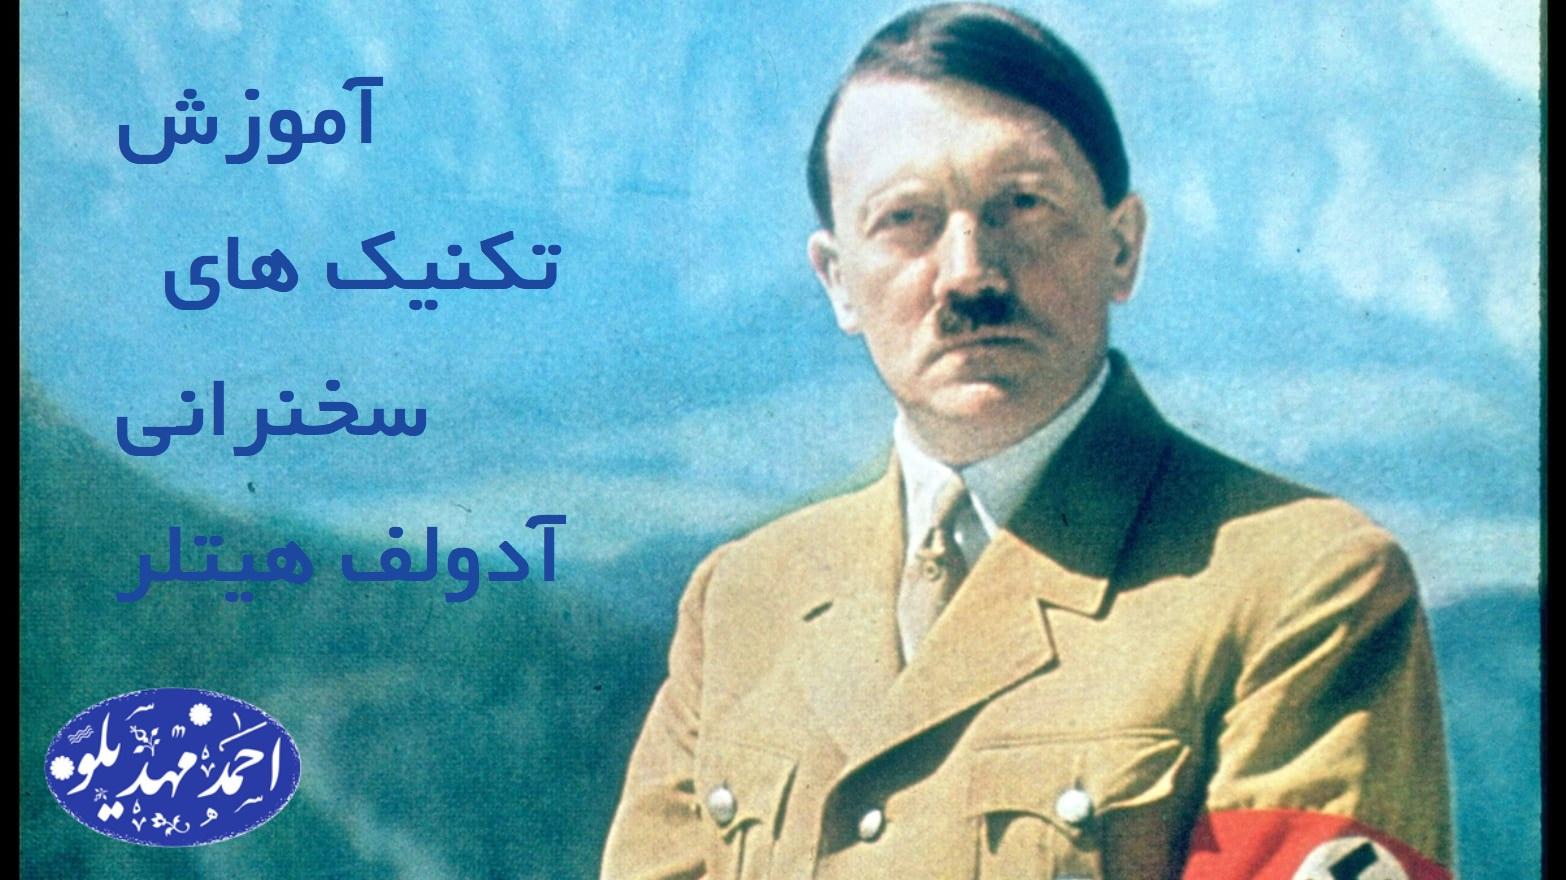 آموزش تکنیک های سخنرانی آدولف هیتلر